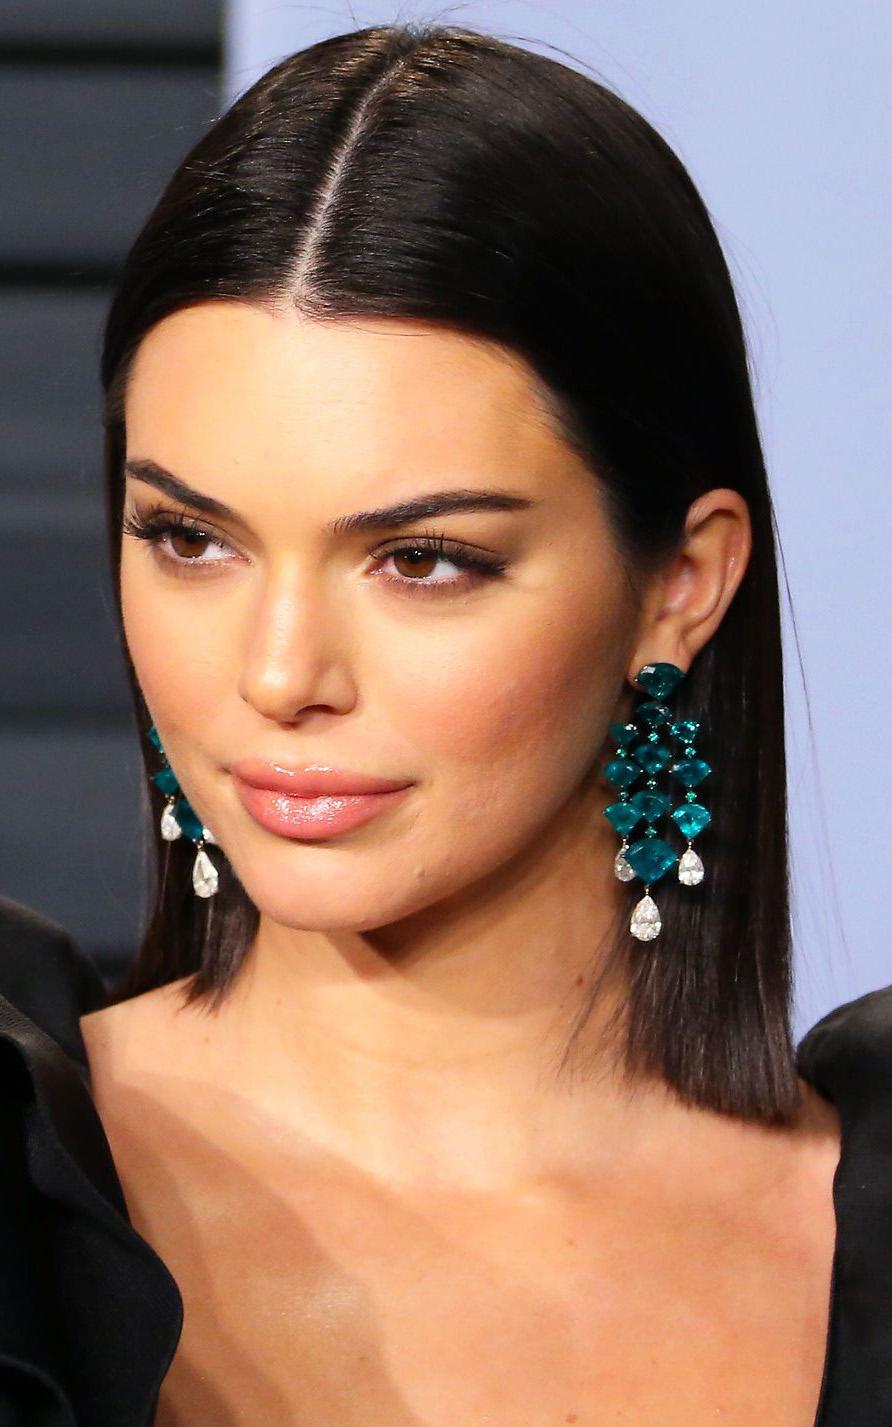 what-to-wear-heart-face-shape-style-haircut-sunglasses-hat-earrings-jewelry-kendalljenner-vanityfair-earrings-chandelier.jpg